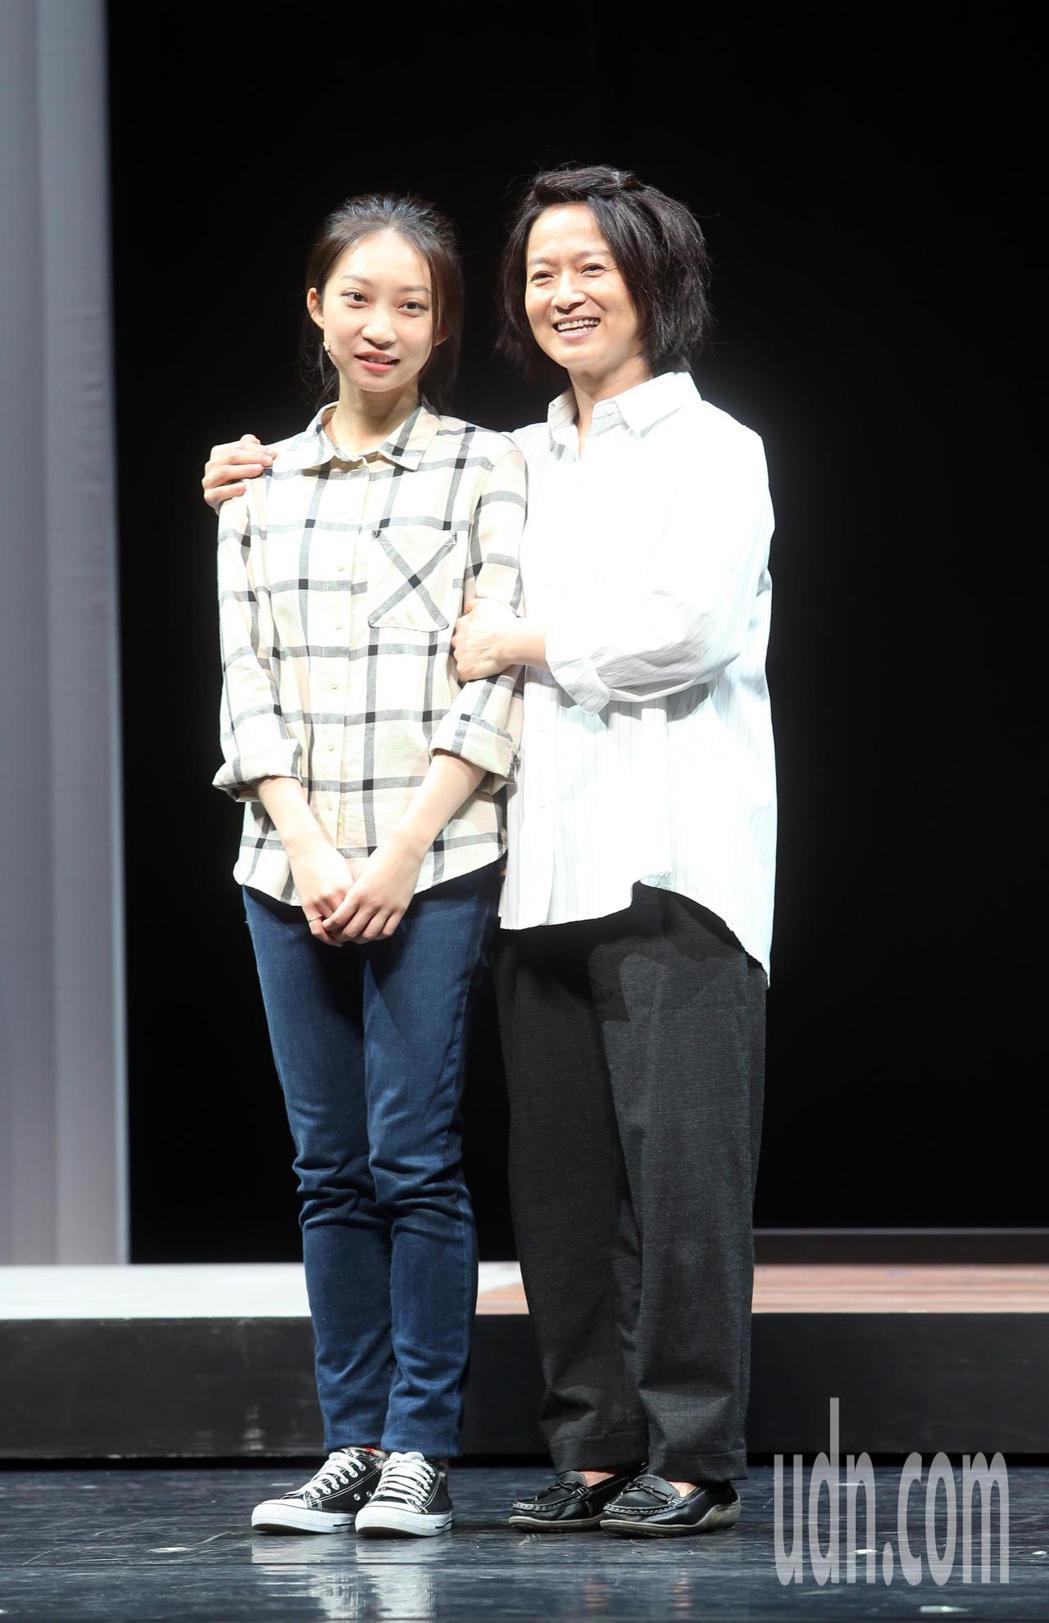 「我們與惡的距離」劇場版彩排,謝瓊煖(右)、陳以恩等人出席。記者曾吉松/攝影